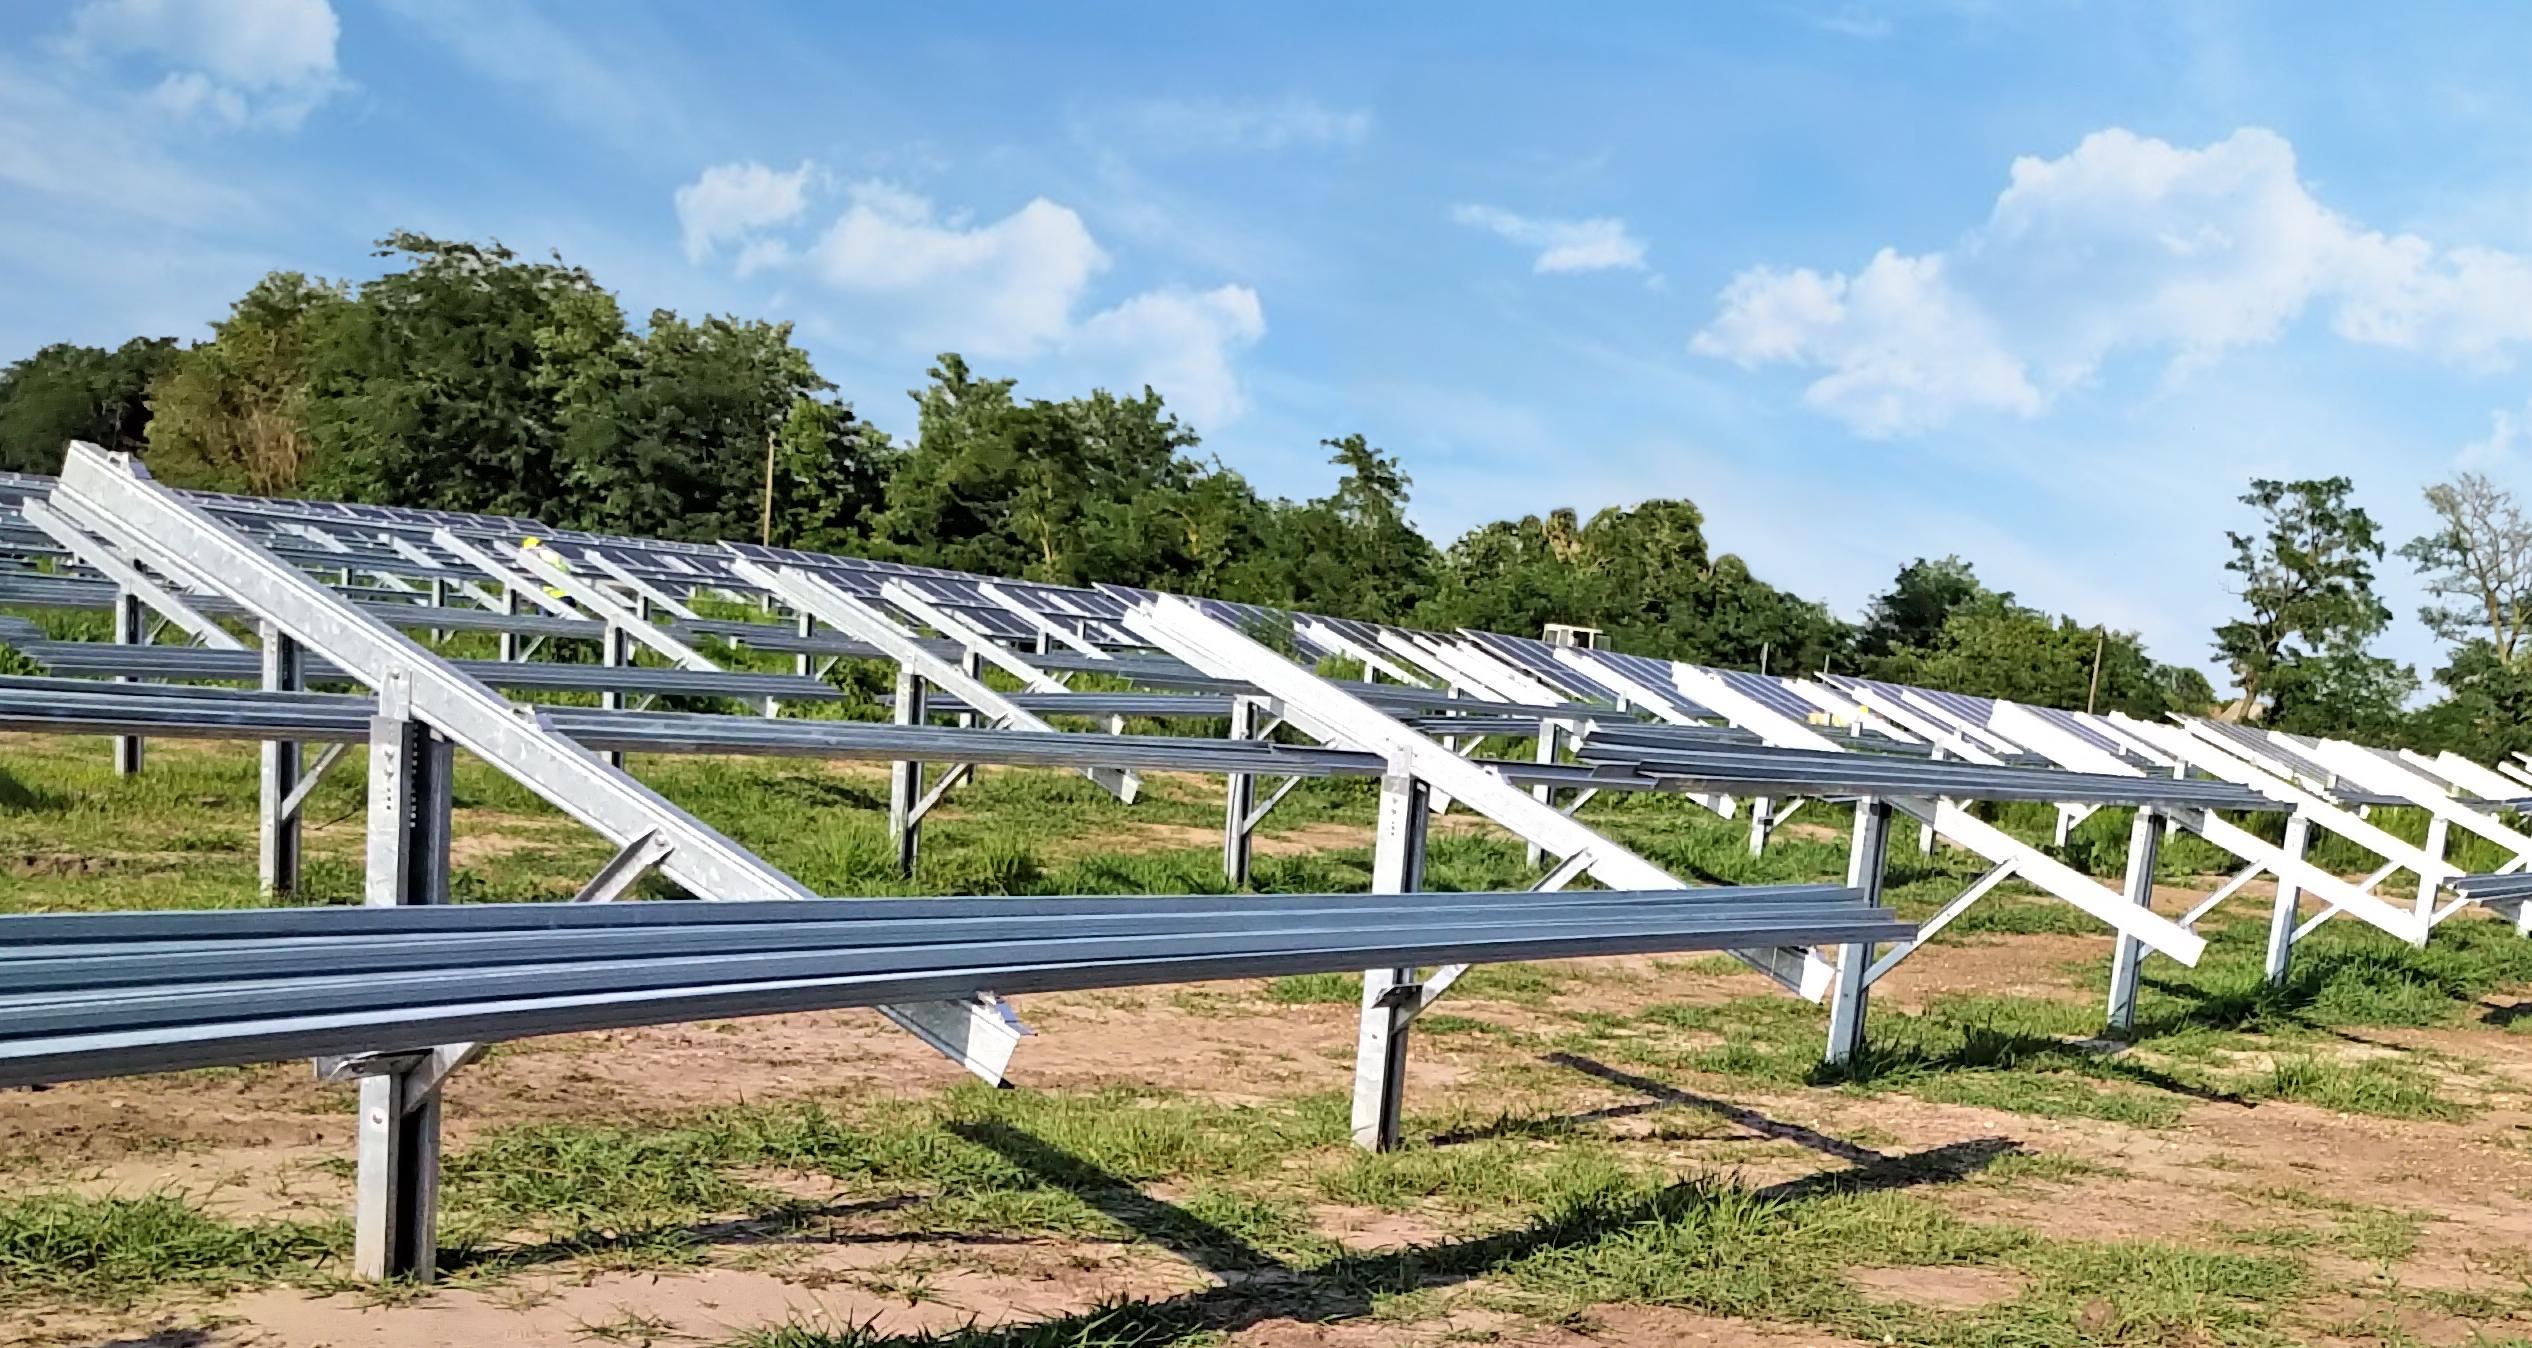 SL Ground Steel - 2V | Standort: Nordrheinwestfalen, Deutschland | Leistung: 749 kWp